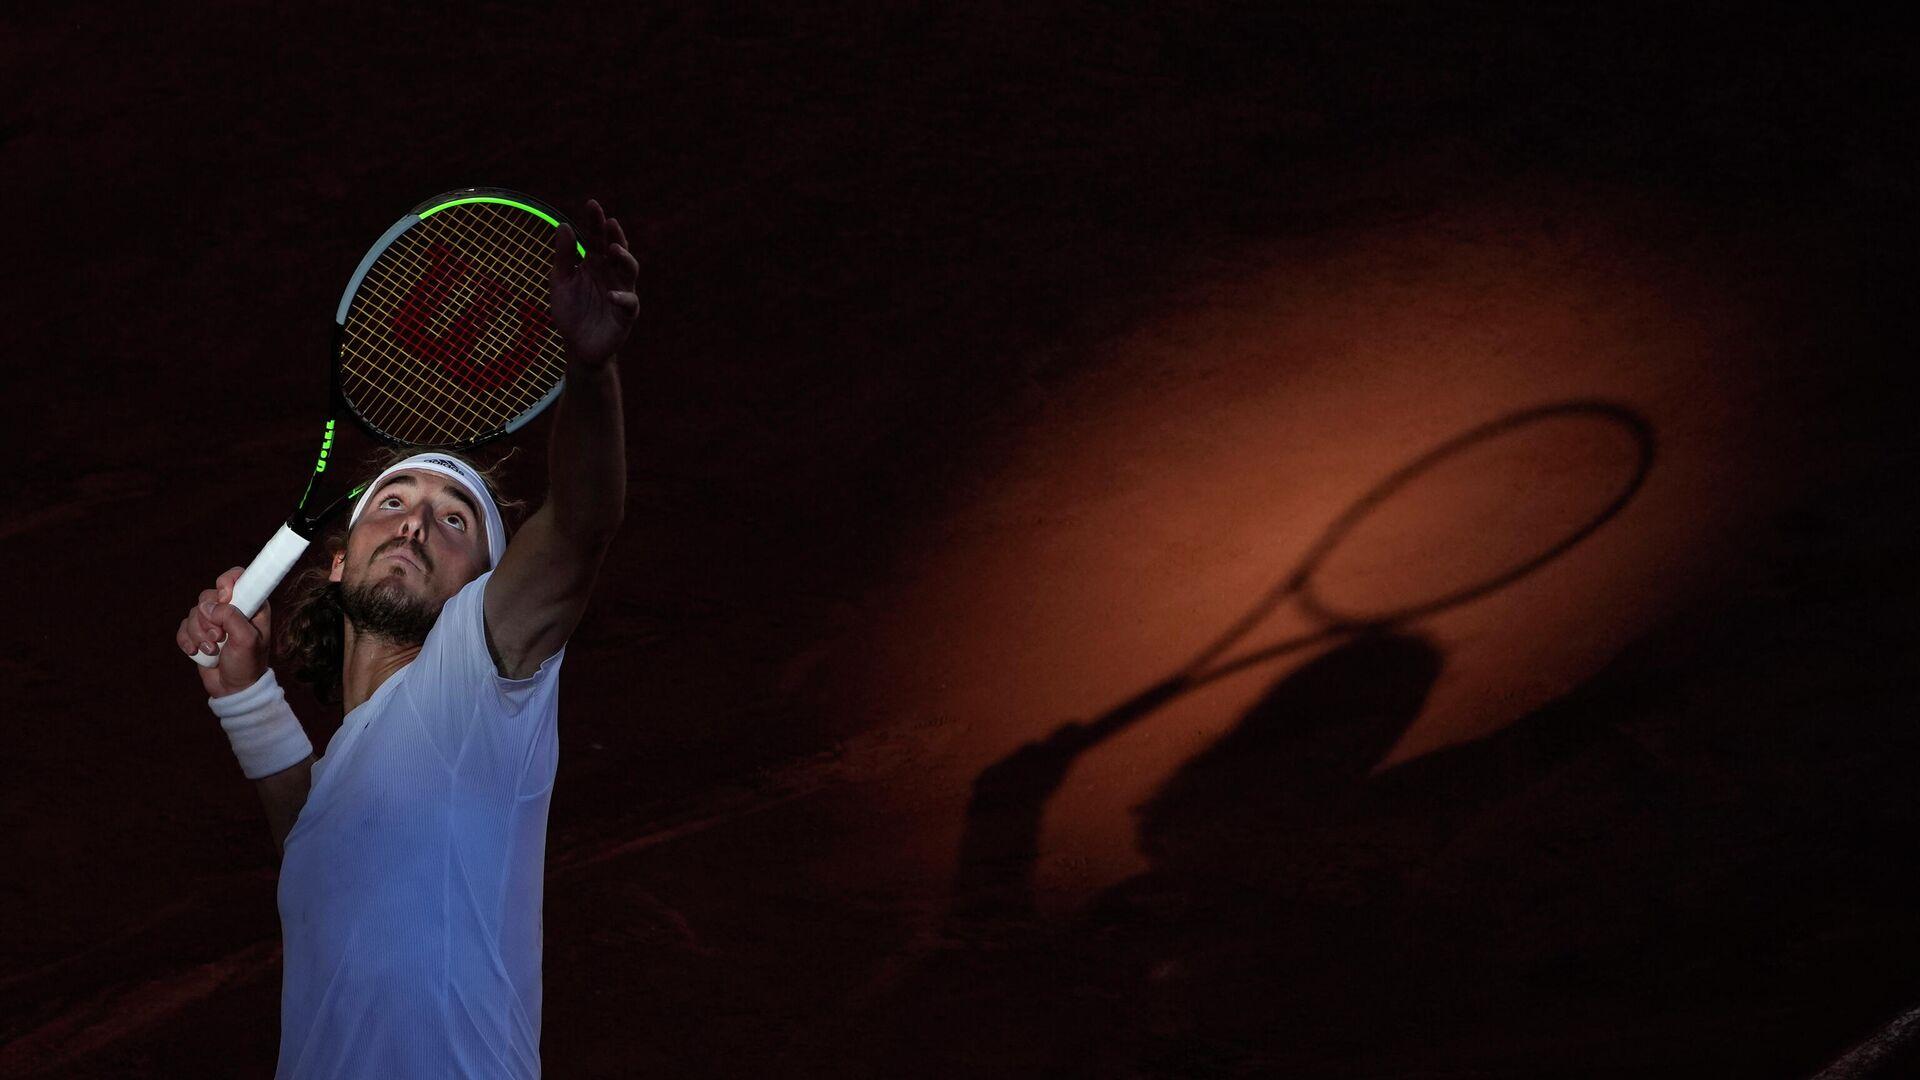 Ο Στέφανος Τσιτσιπάς στο Roland Garros - Sputnik Ελλάδα, 1920, 27.07.2021